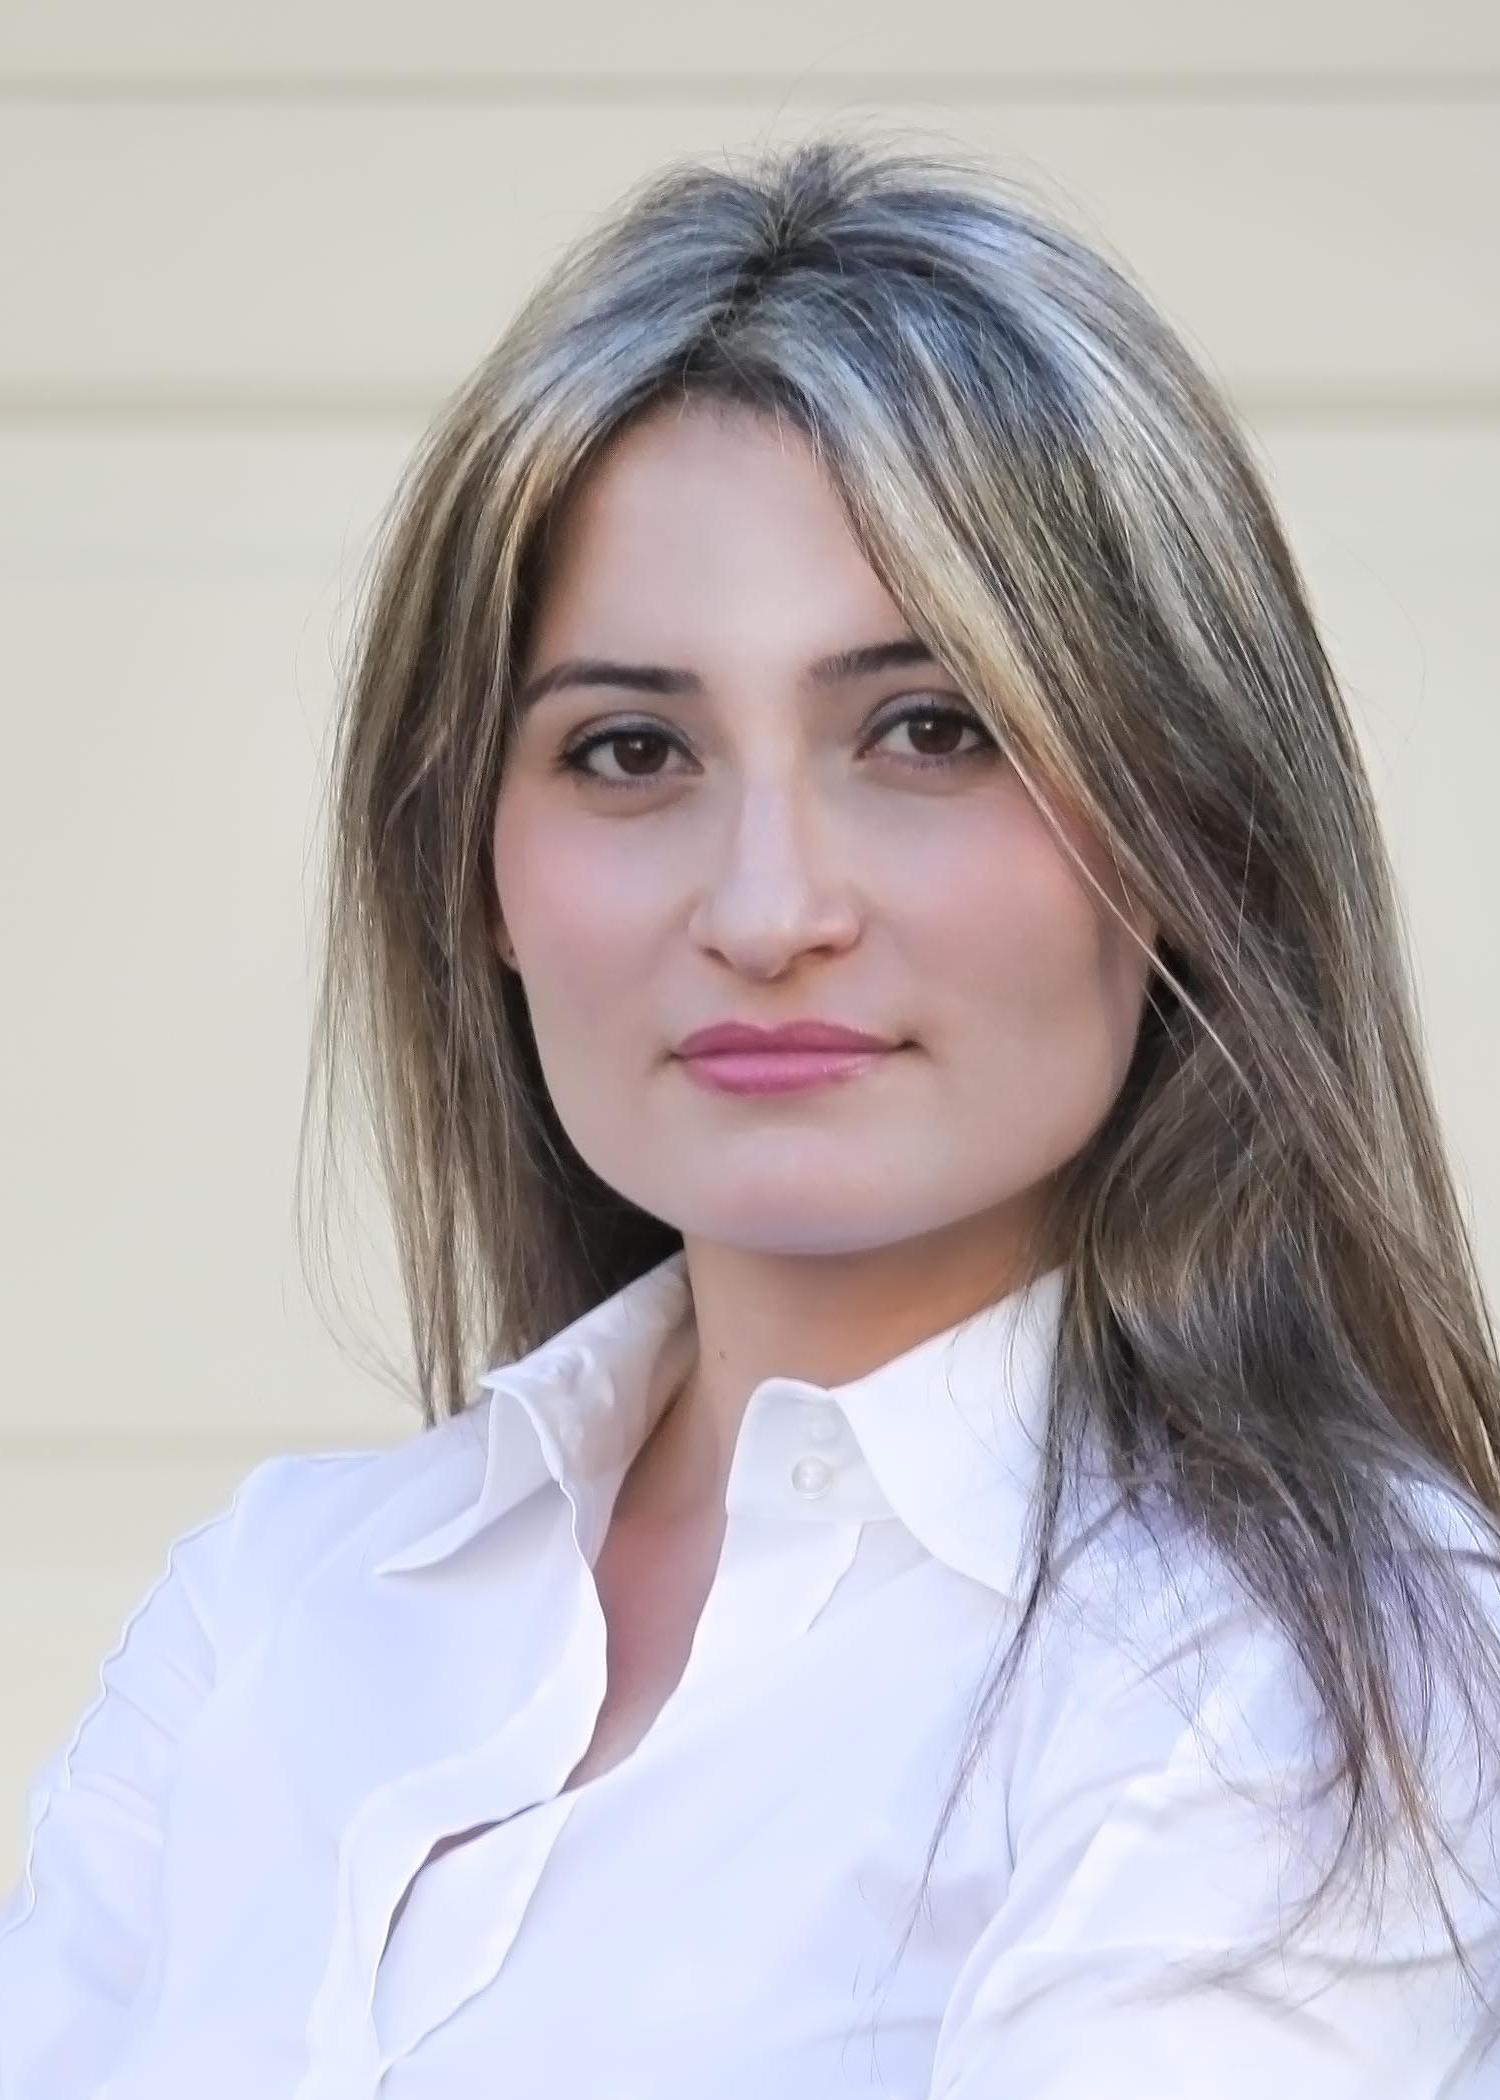 Lana Tsarikaeva